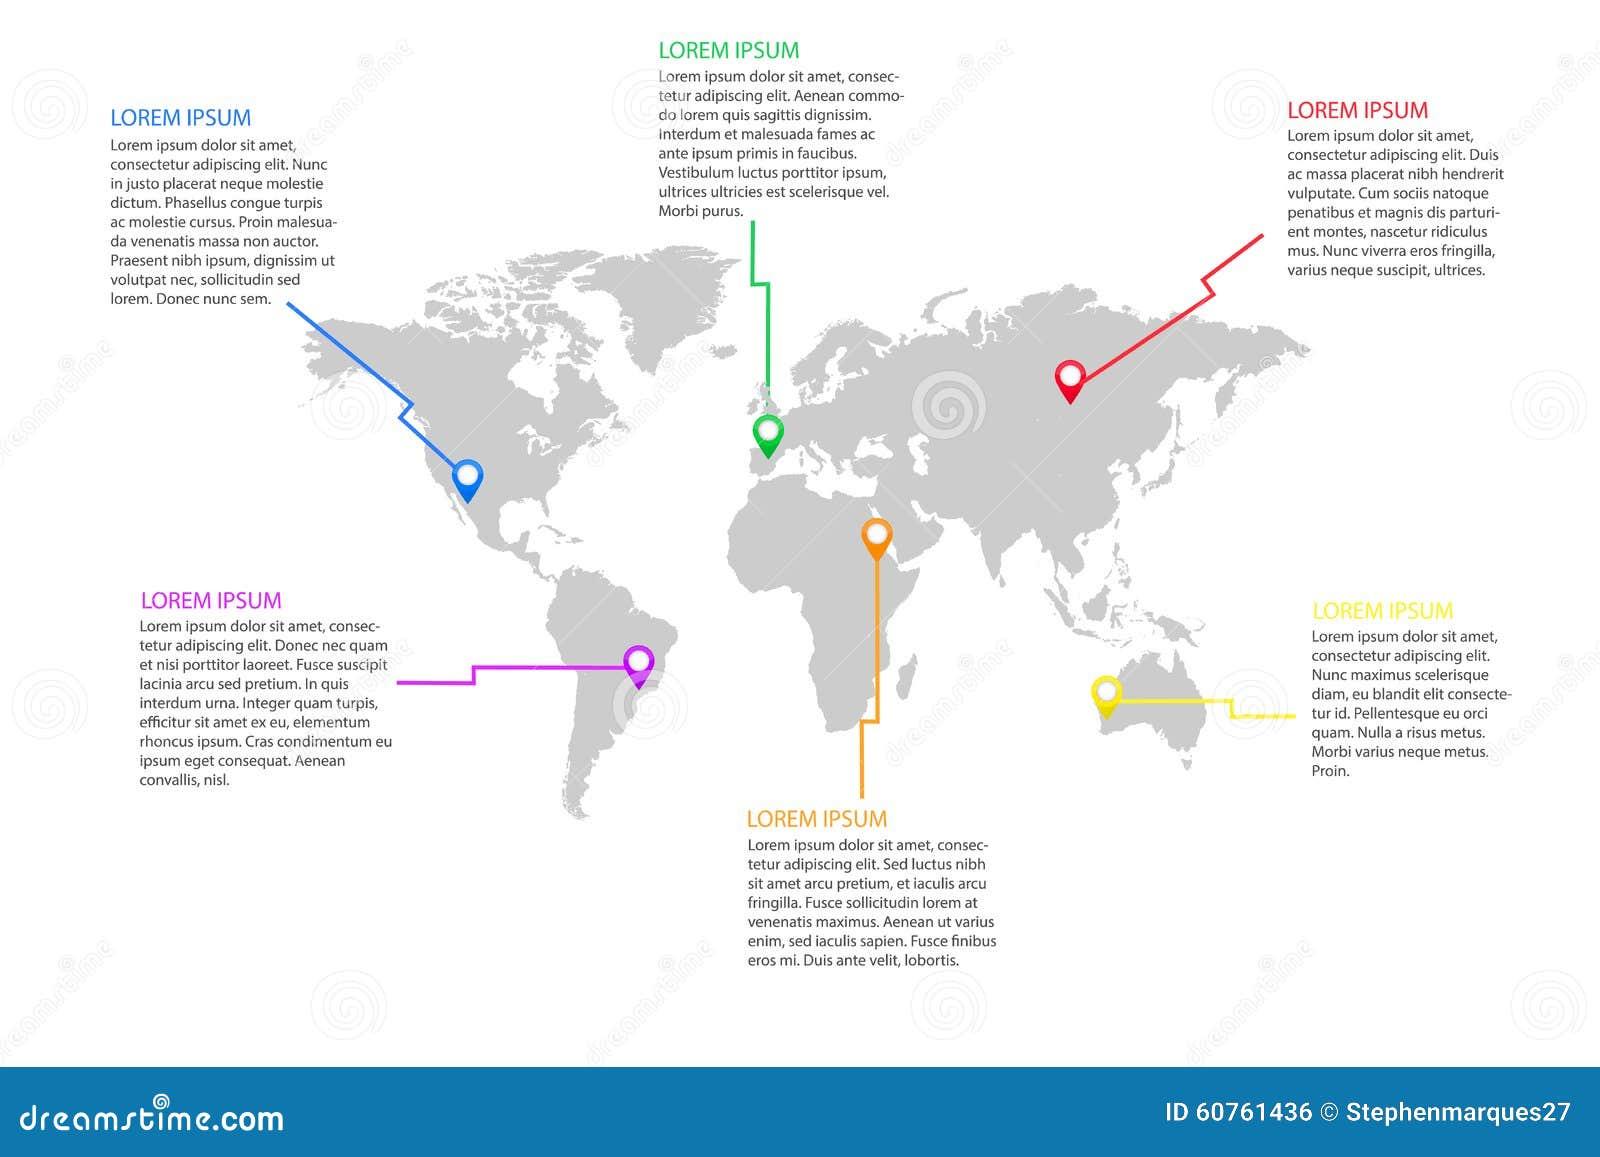 info world white: